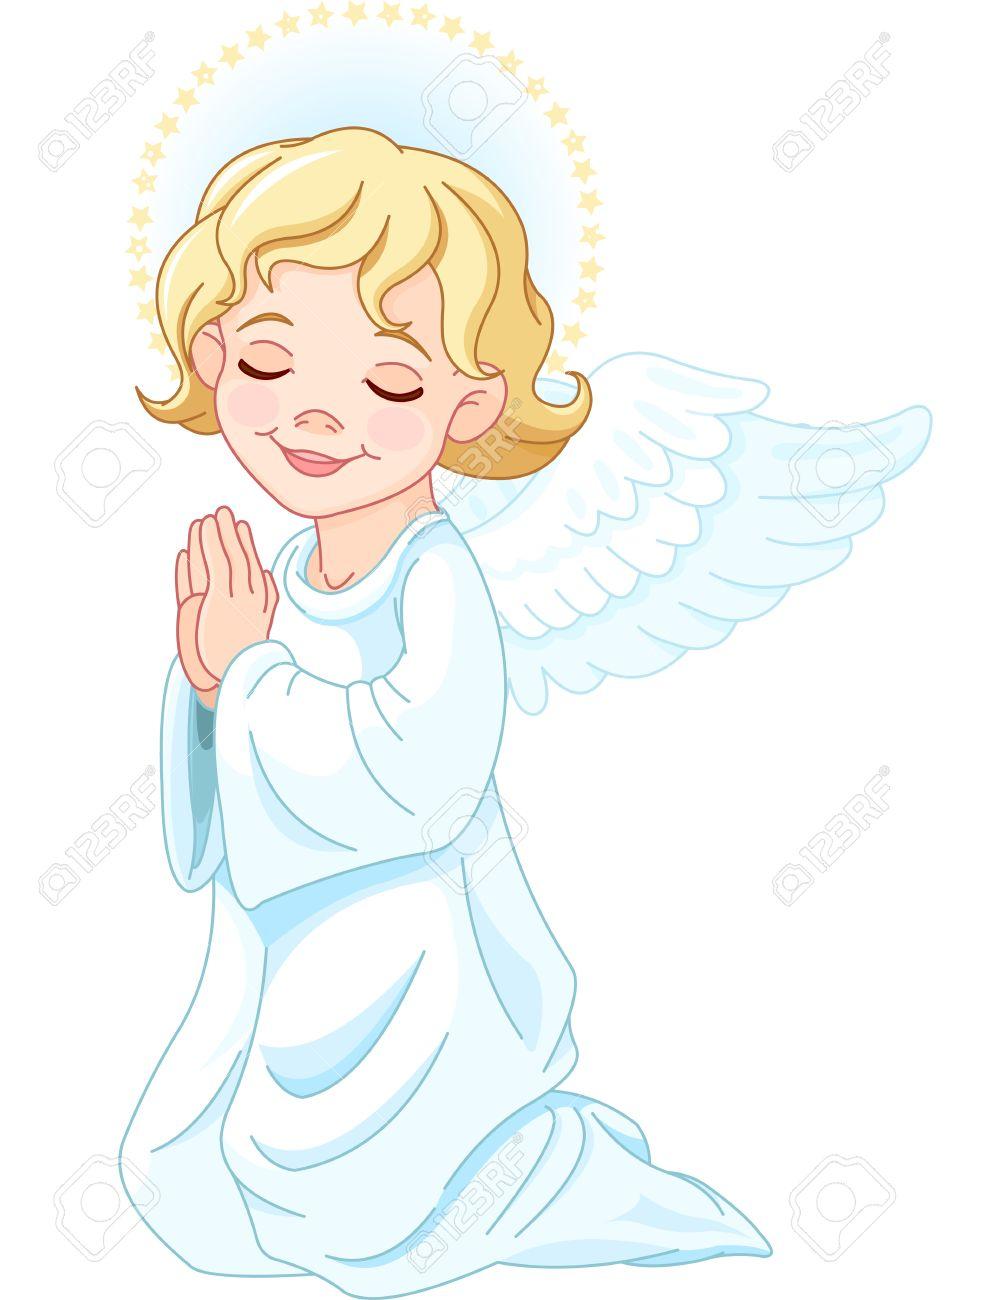 Illustration of praying nativity Angel.